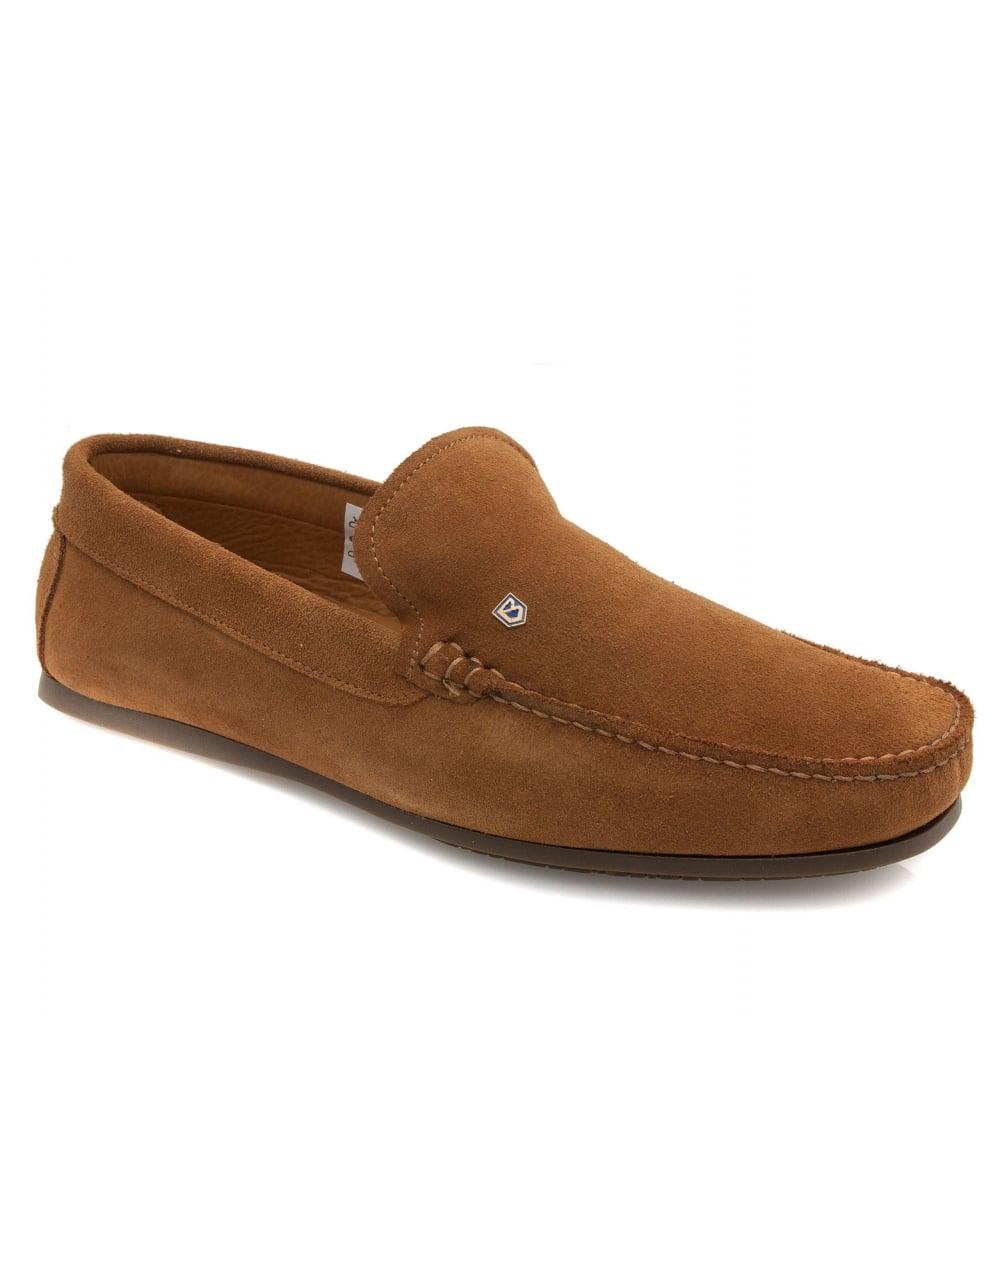 Dubarry Camel Deck Shoes